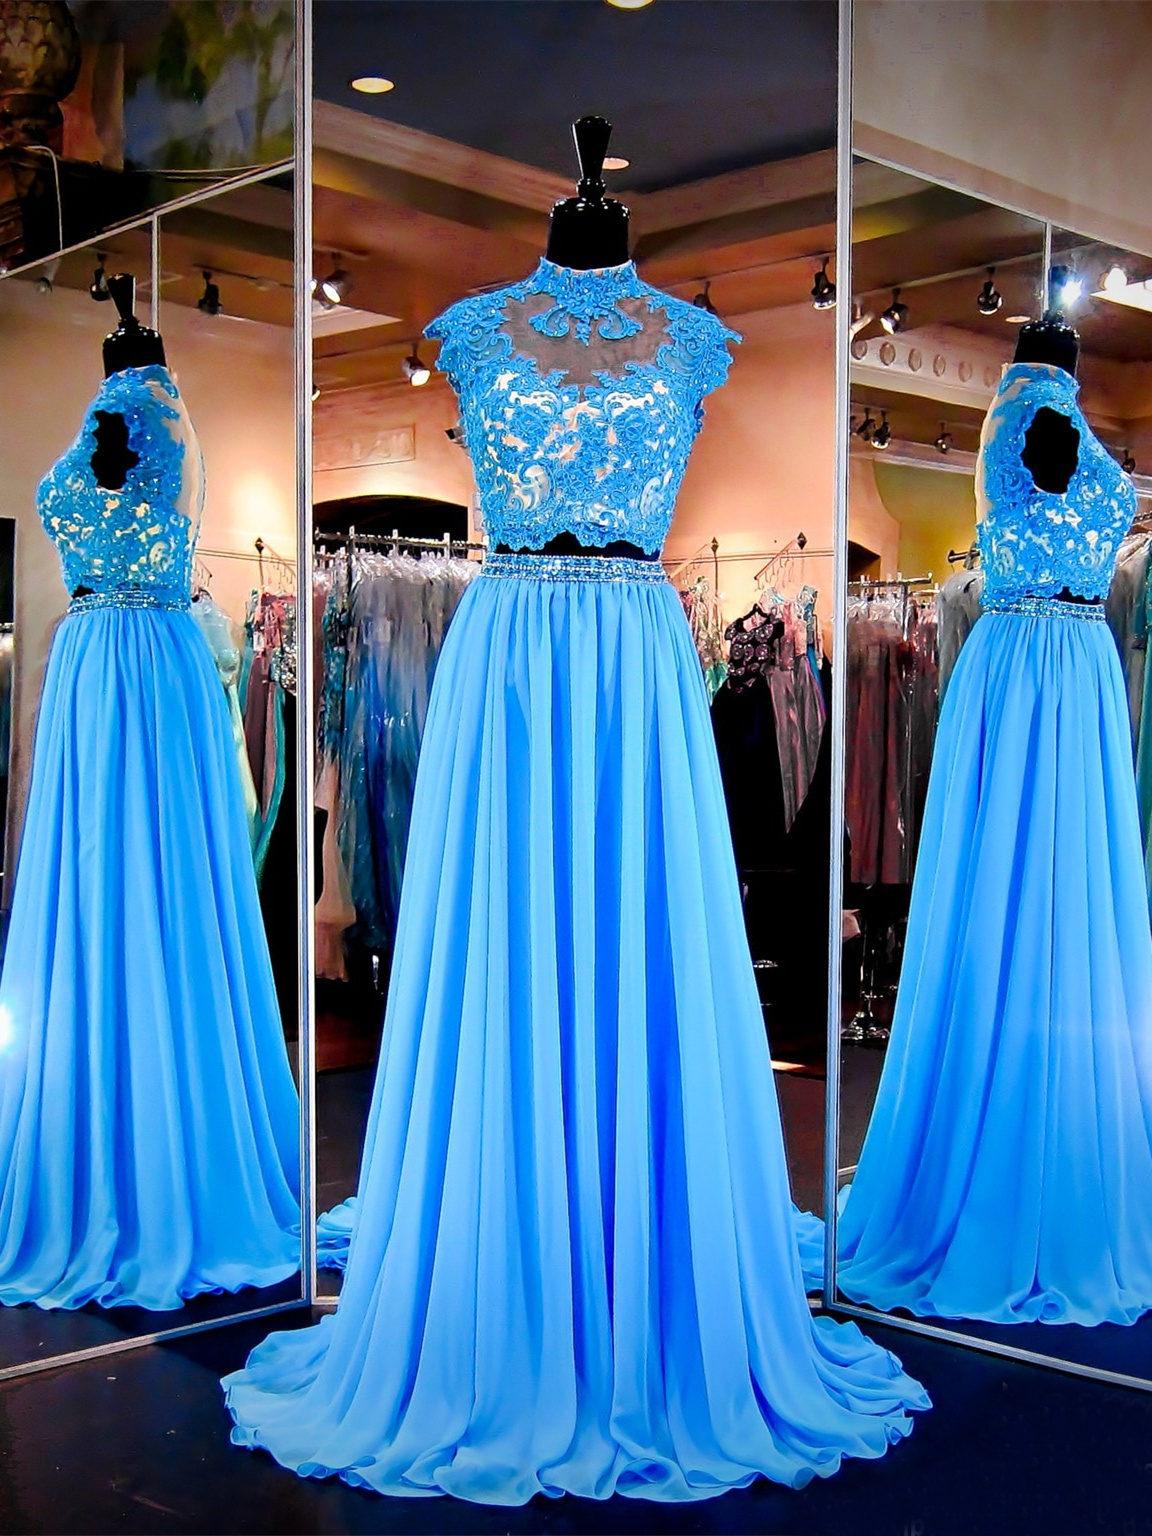 schöne abiballkleid abendkleid zweiteilig stehkragen lang blau chiffon mit  stickerei perlen